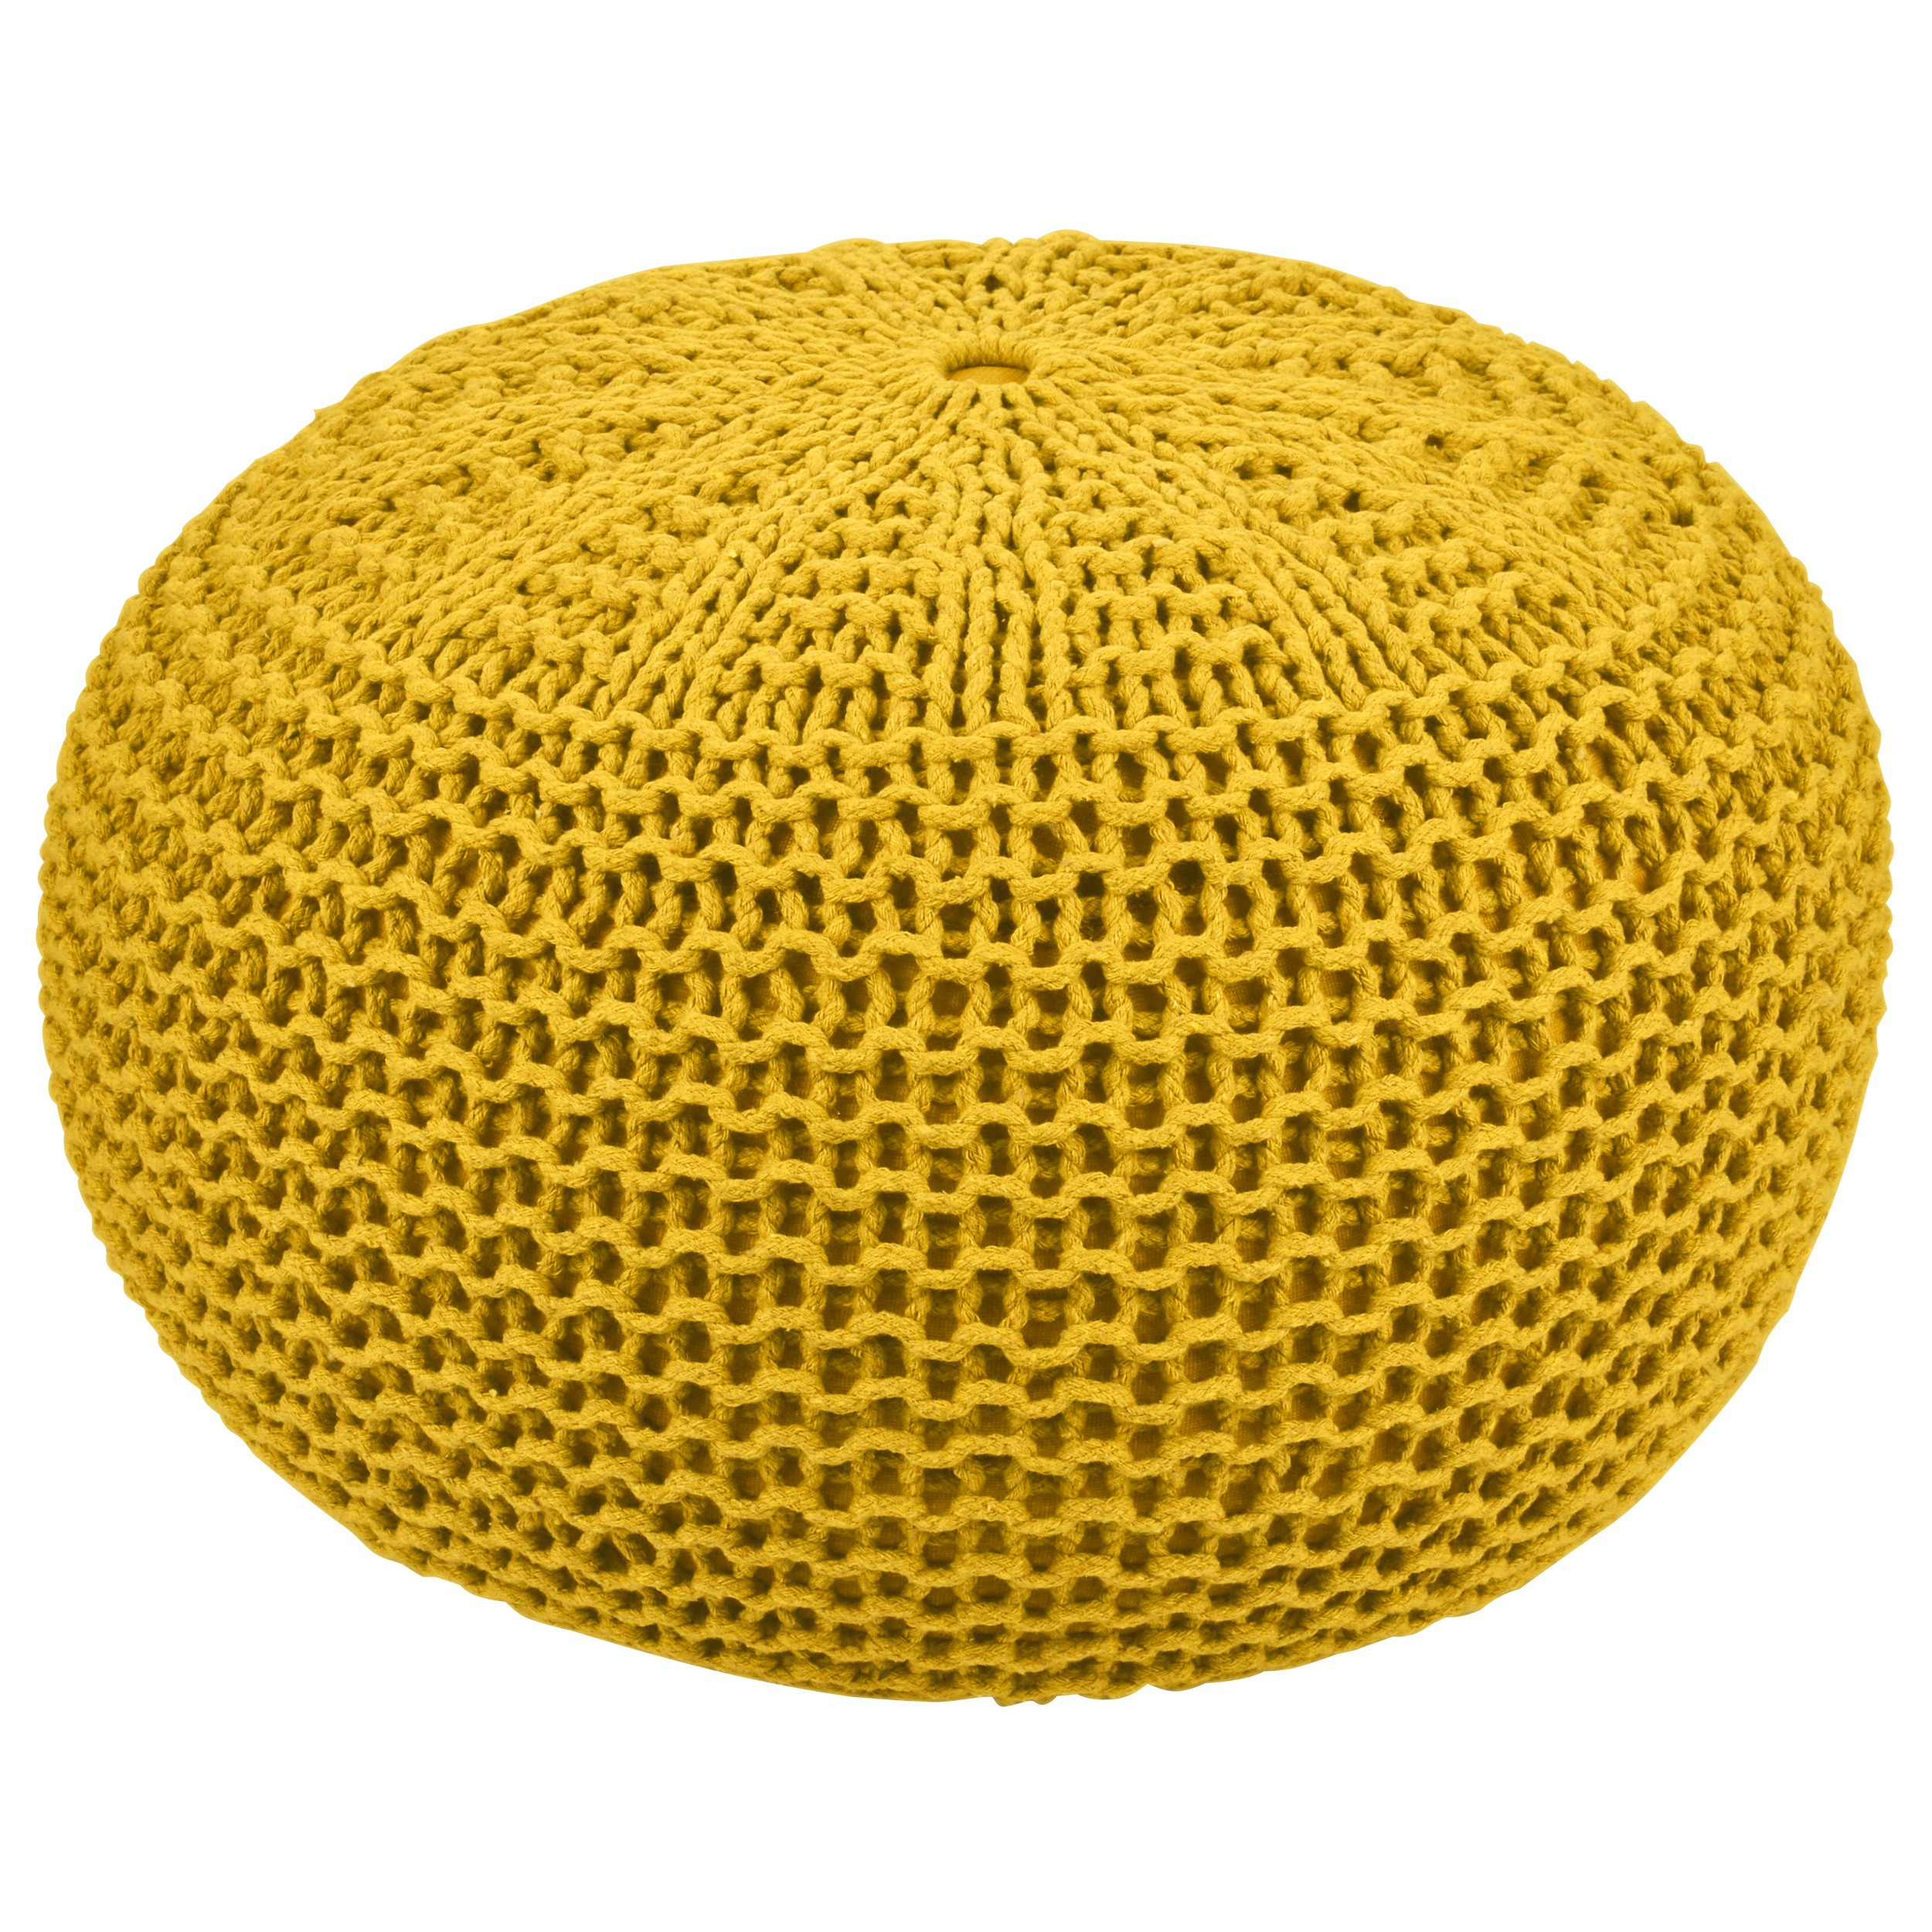 Comment Faire Du Jaune Moutarde pouf tricot jaune moutarde elsa ∅40cm